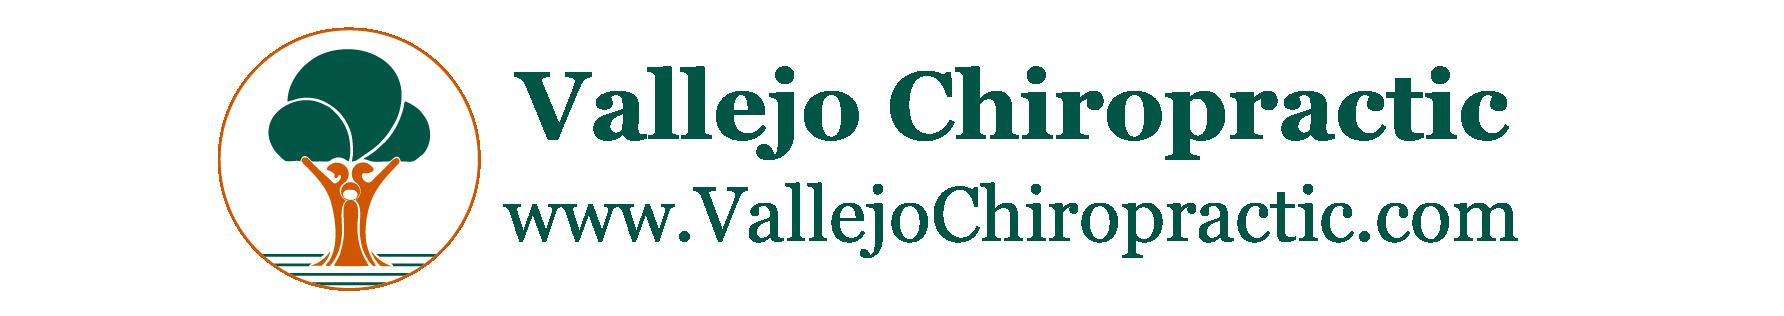 Vallejo Chiropractic